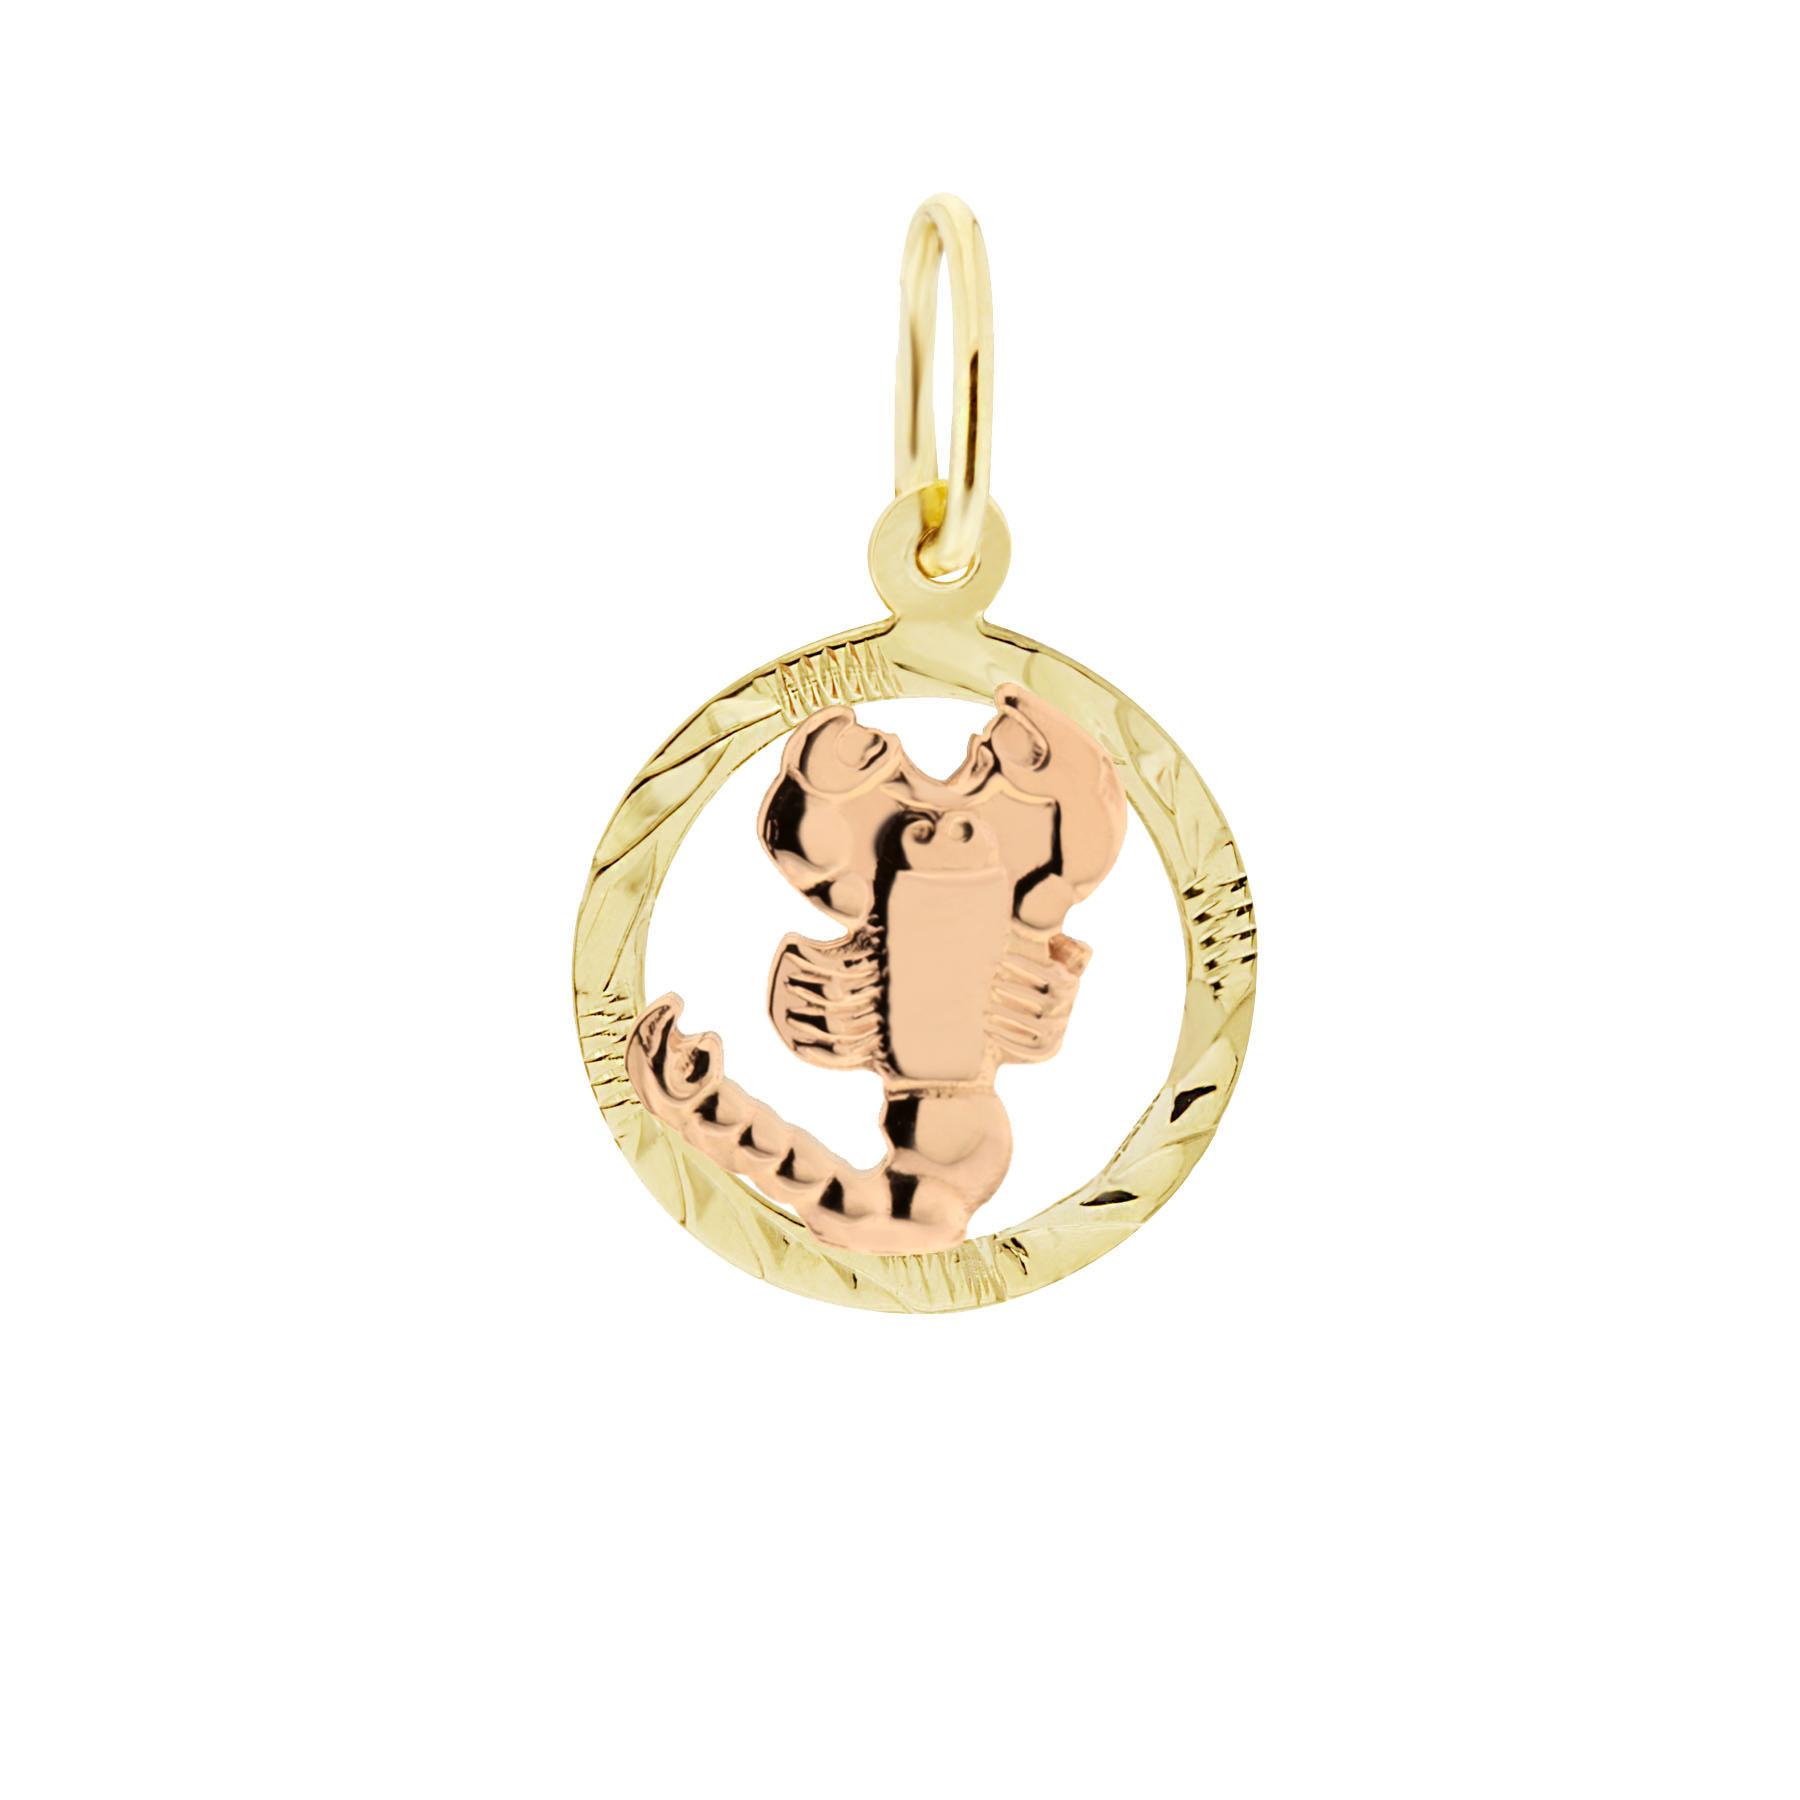 Zlatý přívěsek - znamení zvěrokruhu Štír Tvar: Kolečko, rytý rámeček